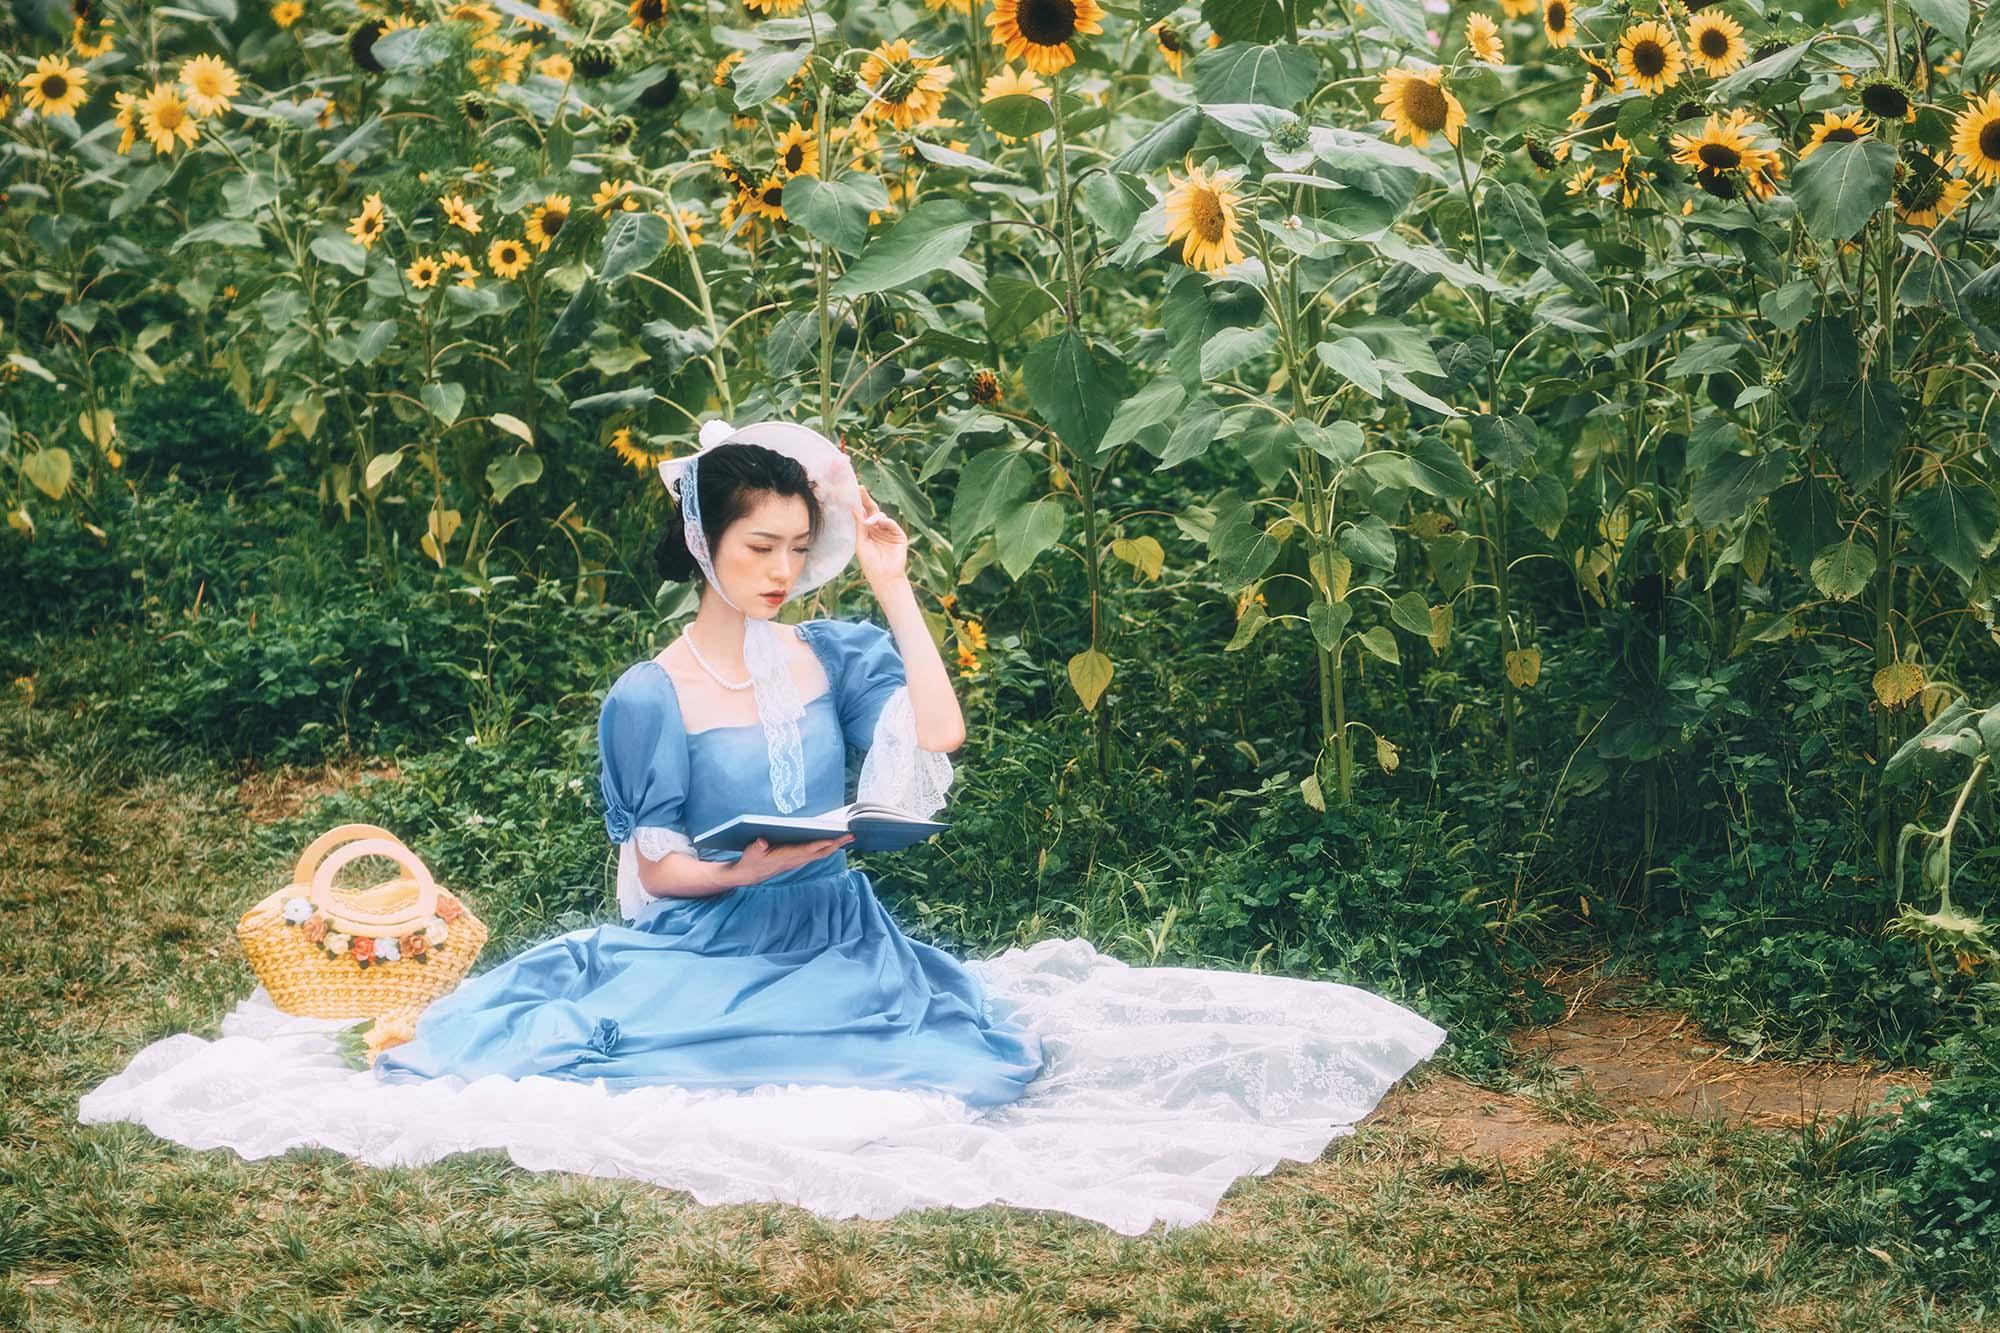 Cô gái cung hoàng đạo Song Ngư chọn đọc thơ để thư giãn tâm hồn